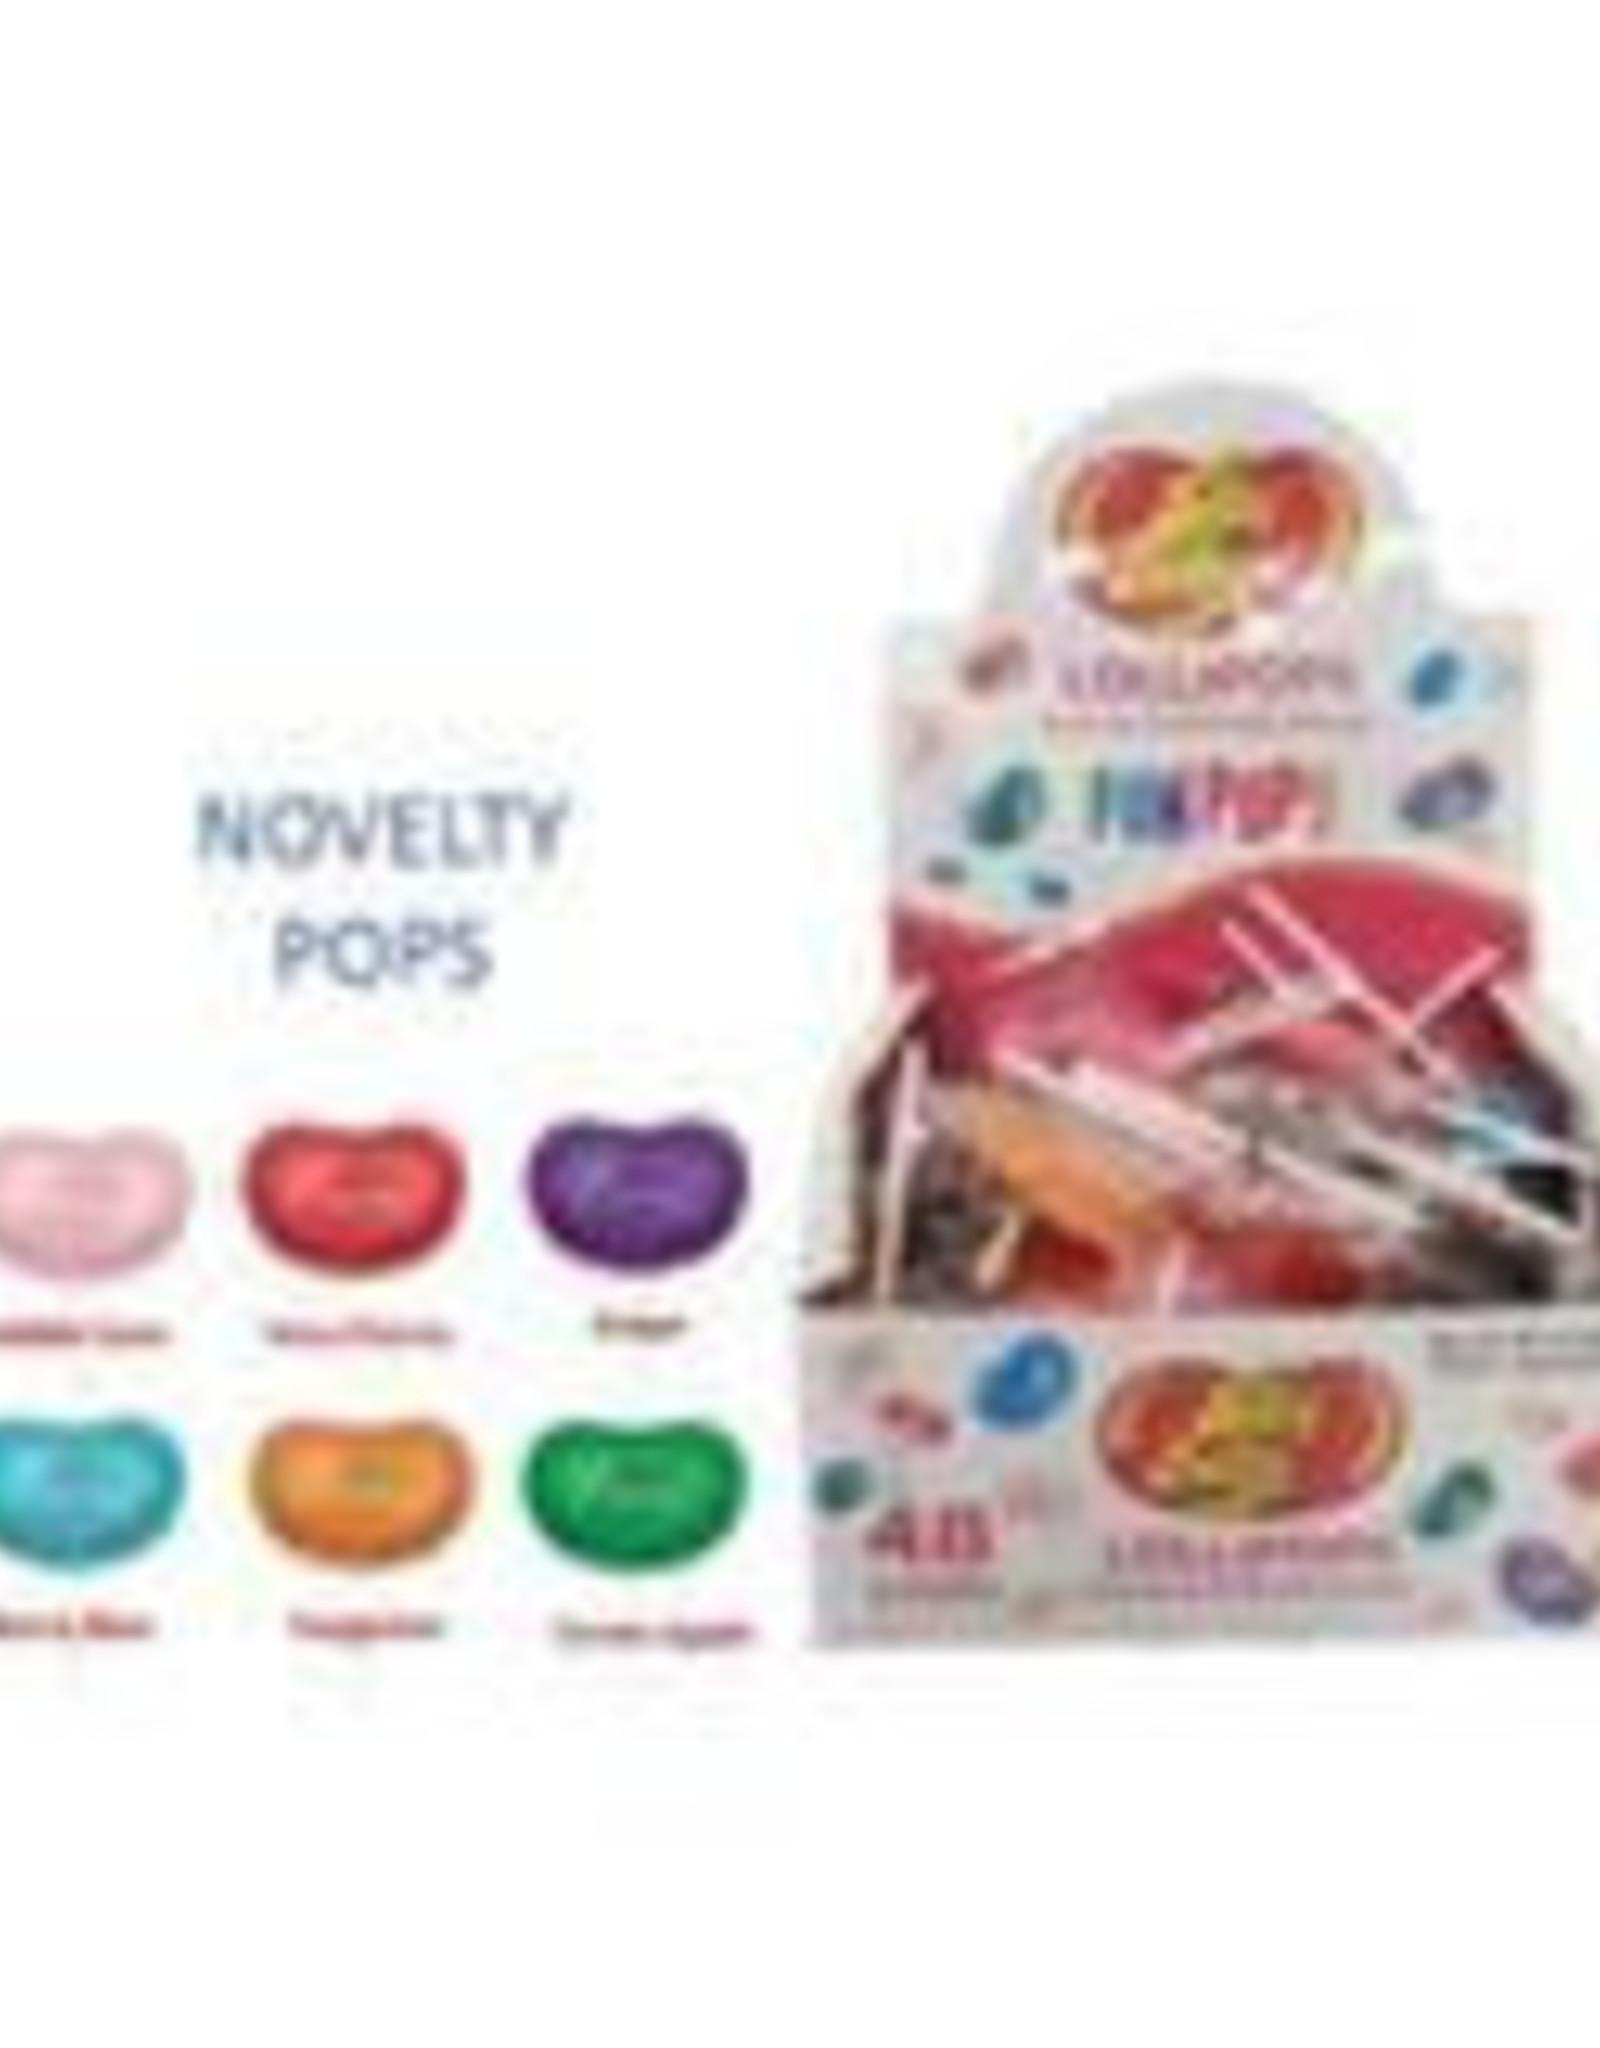 Adams & Brooks Jelly Belly Lollipop